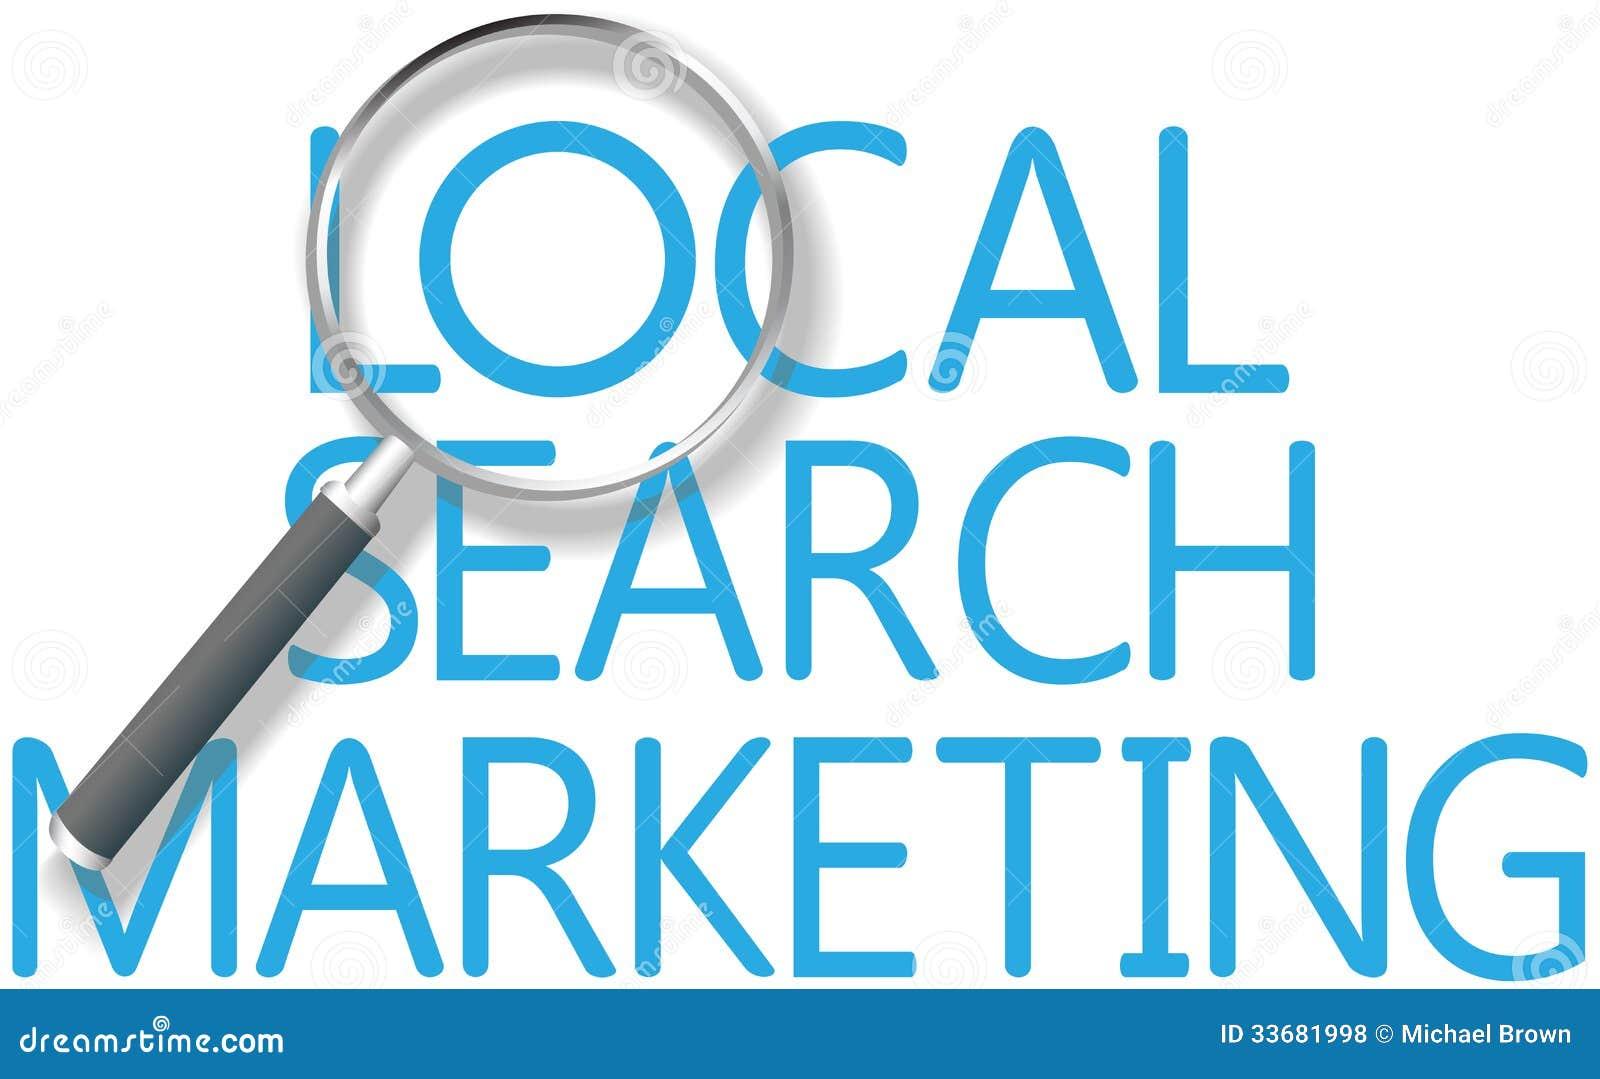 Herramienta de márketing local de la búsqueda del hallazgo